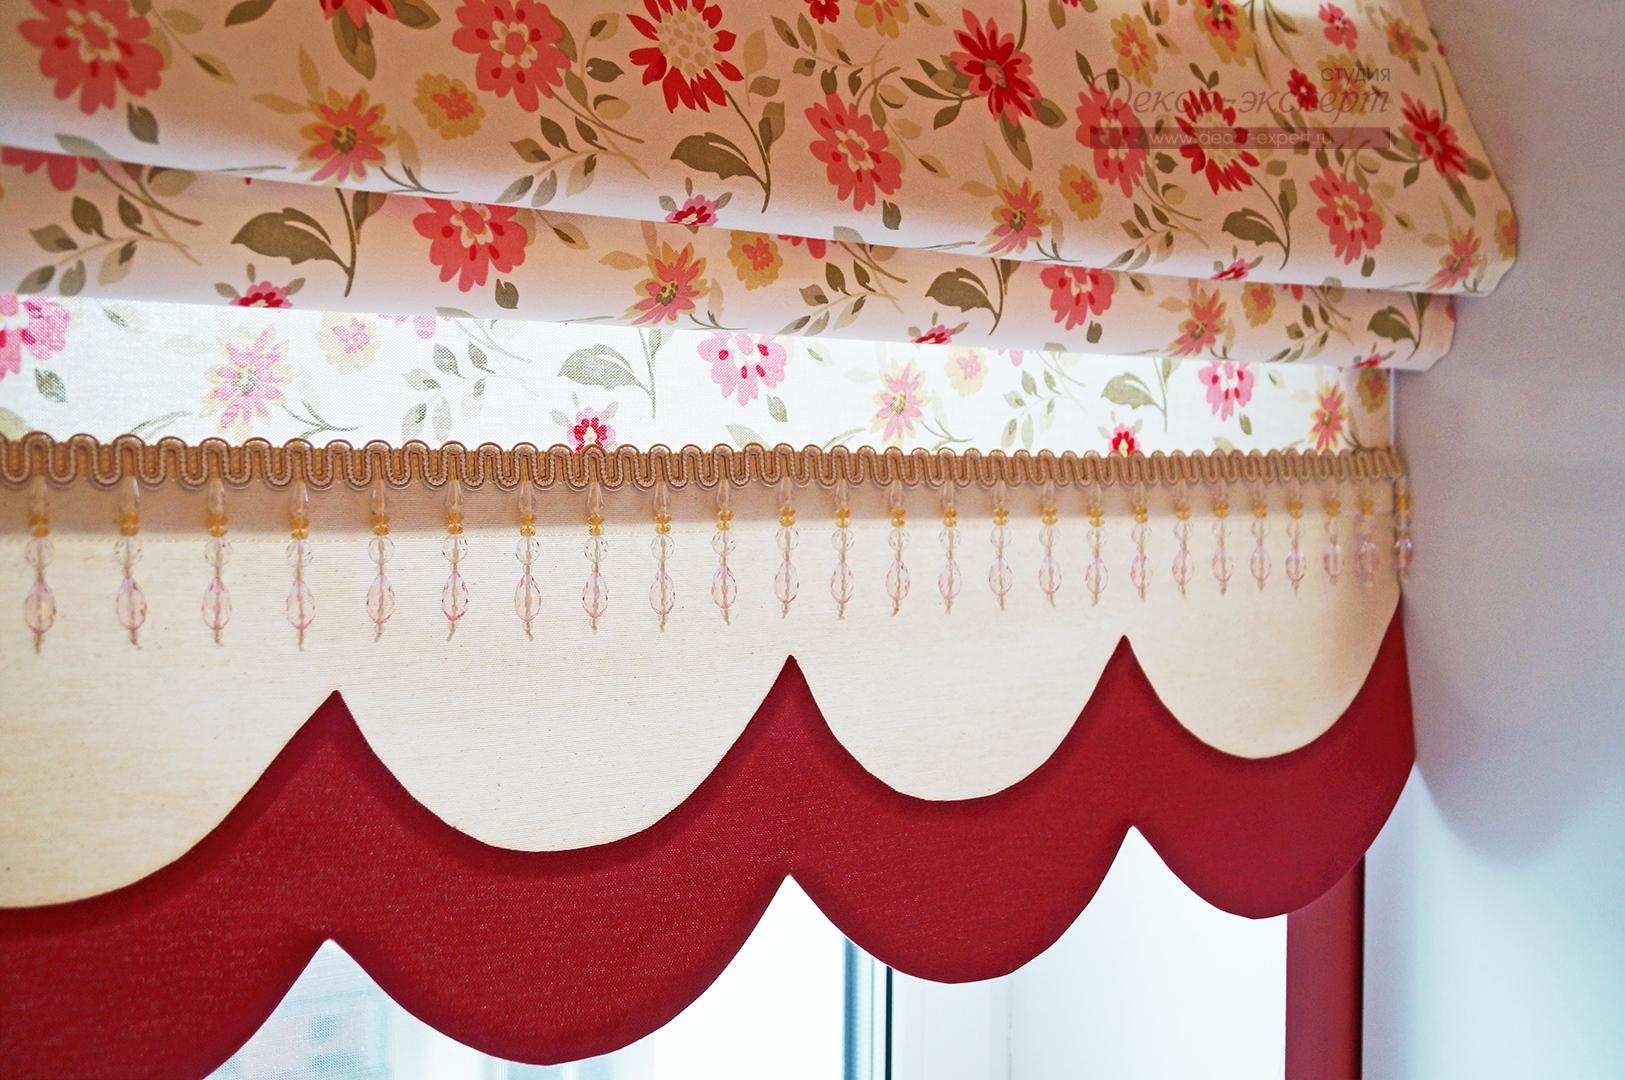 Хлопковая ткань с цветочным принтом на римской шторе